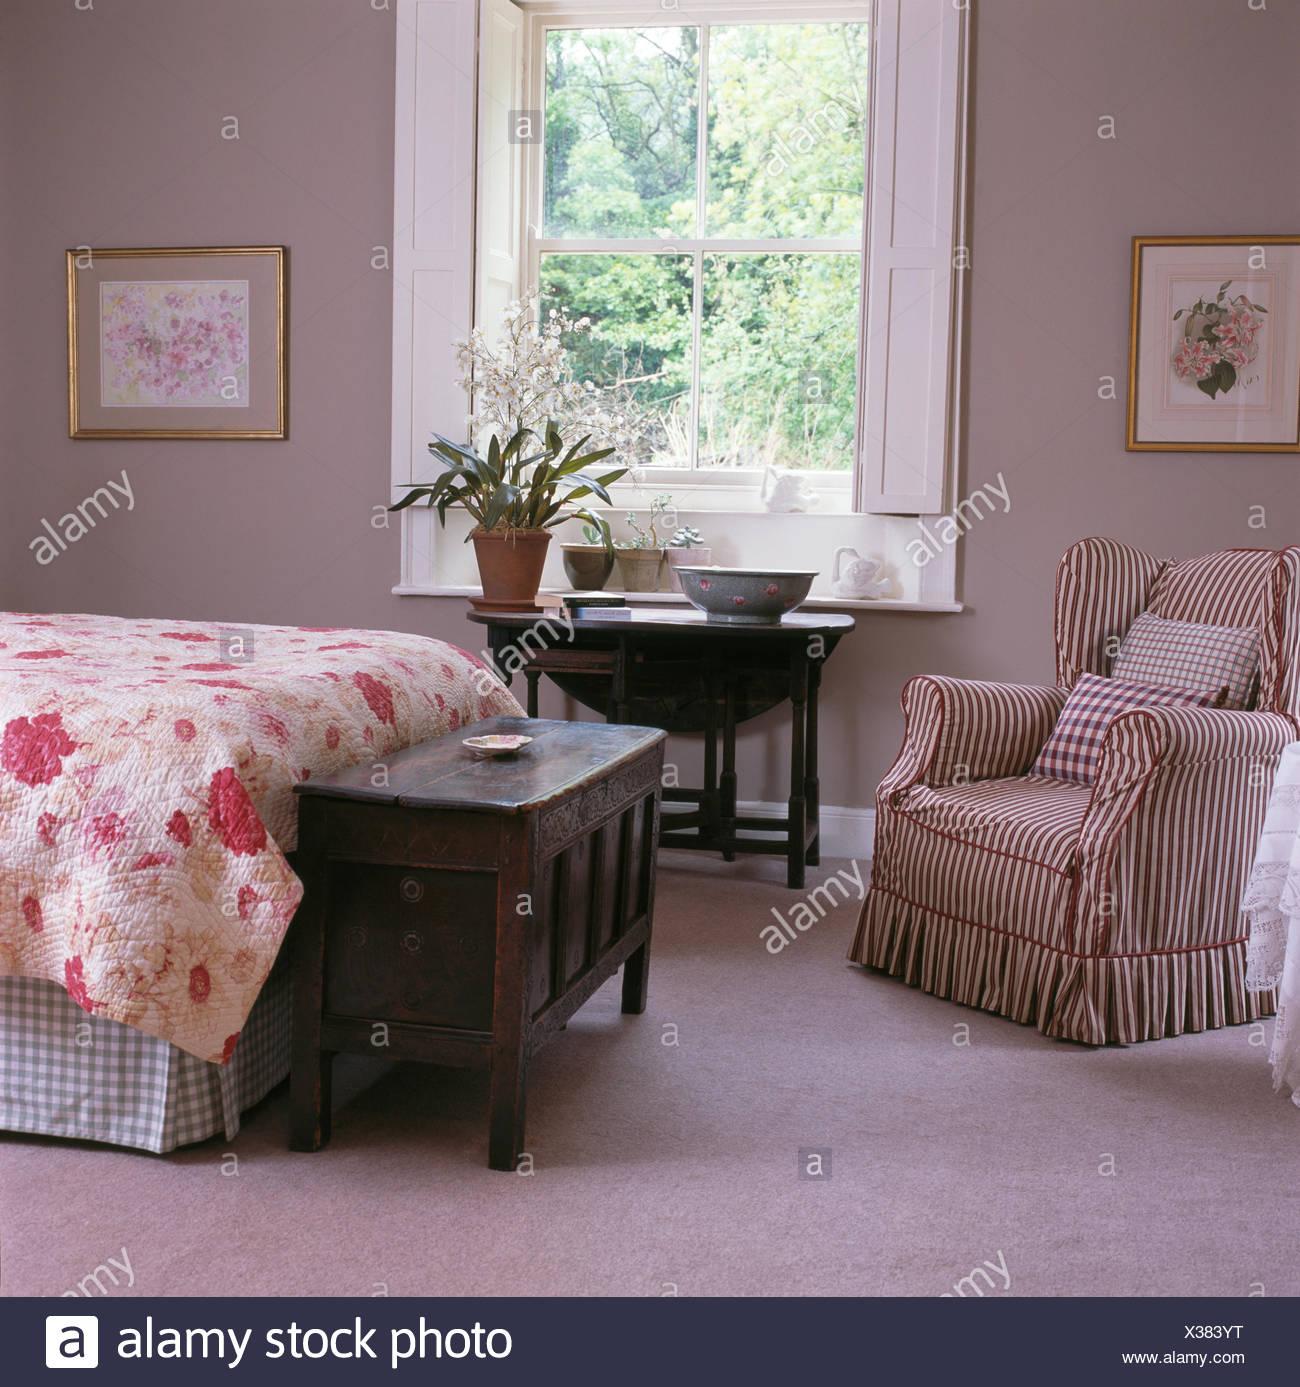 Ala Striped sedia e tavoli antichi in grigio chiaro paese ...